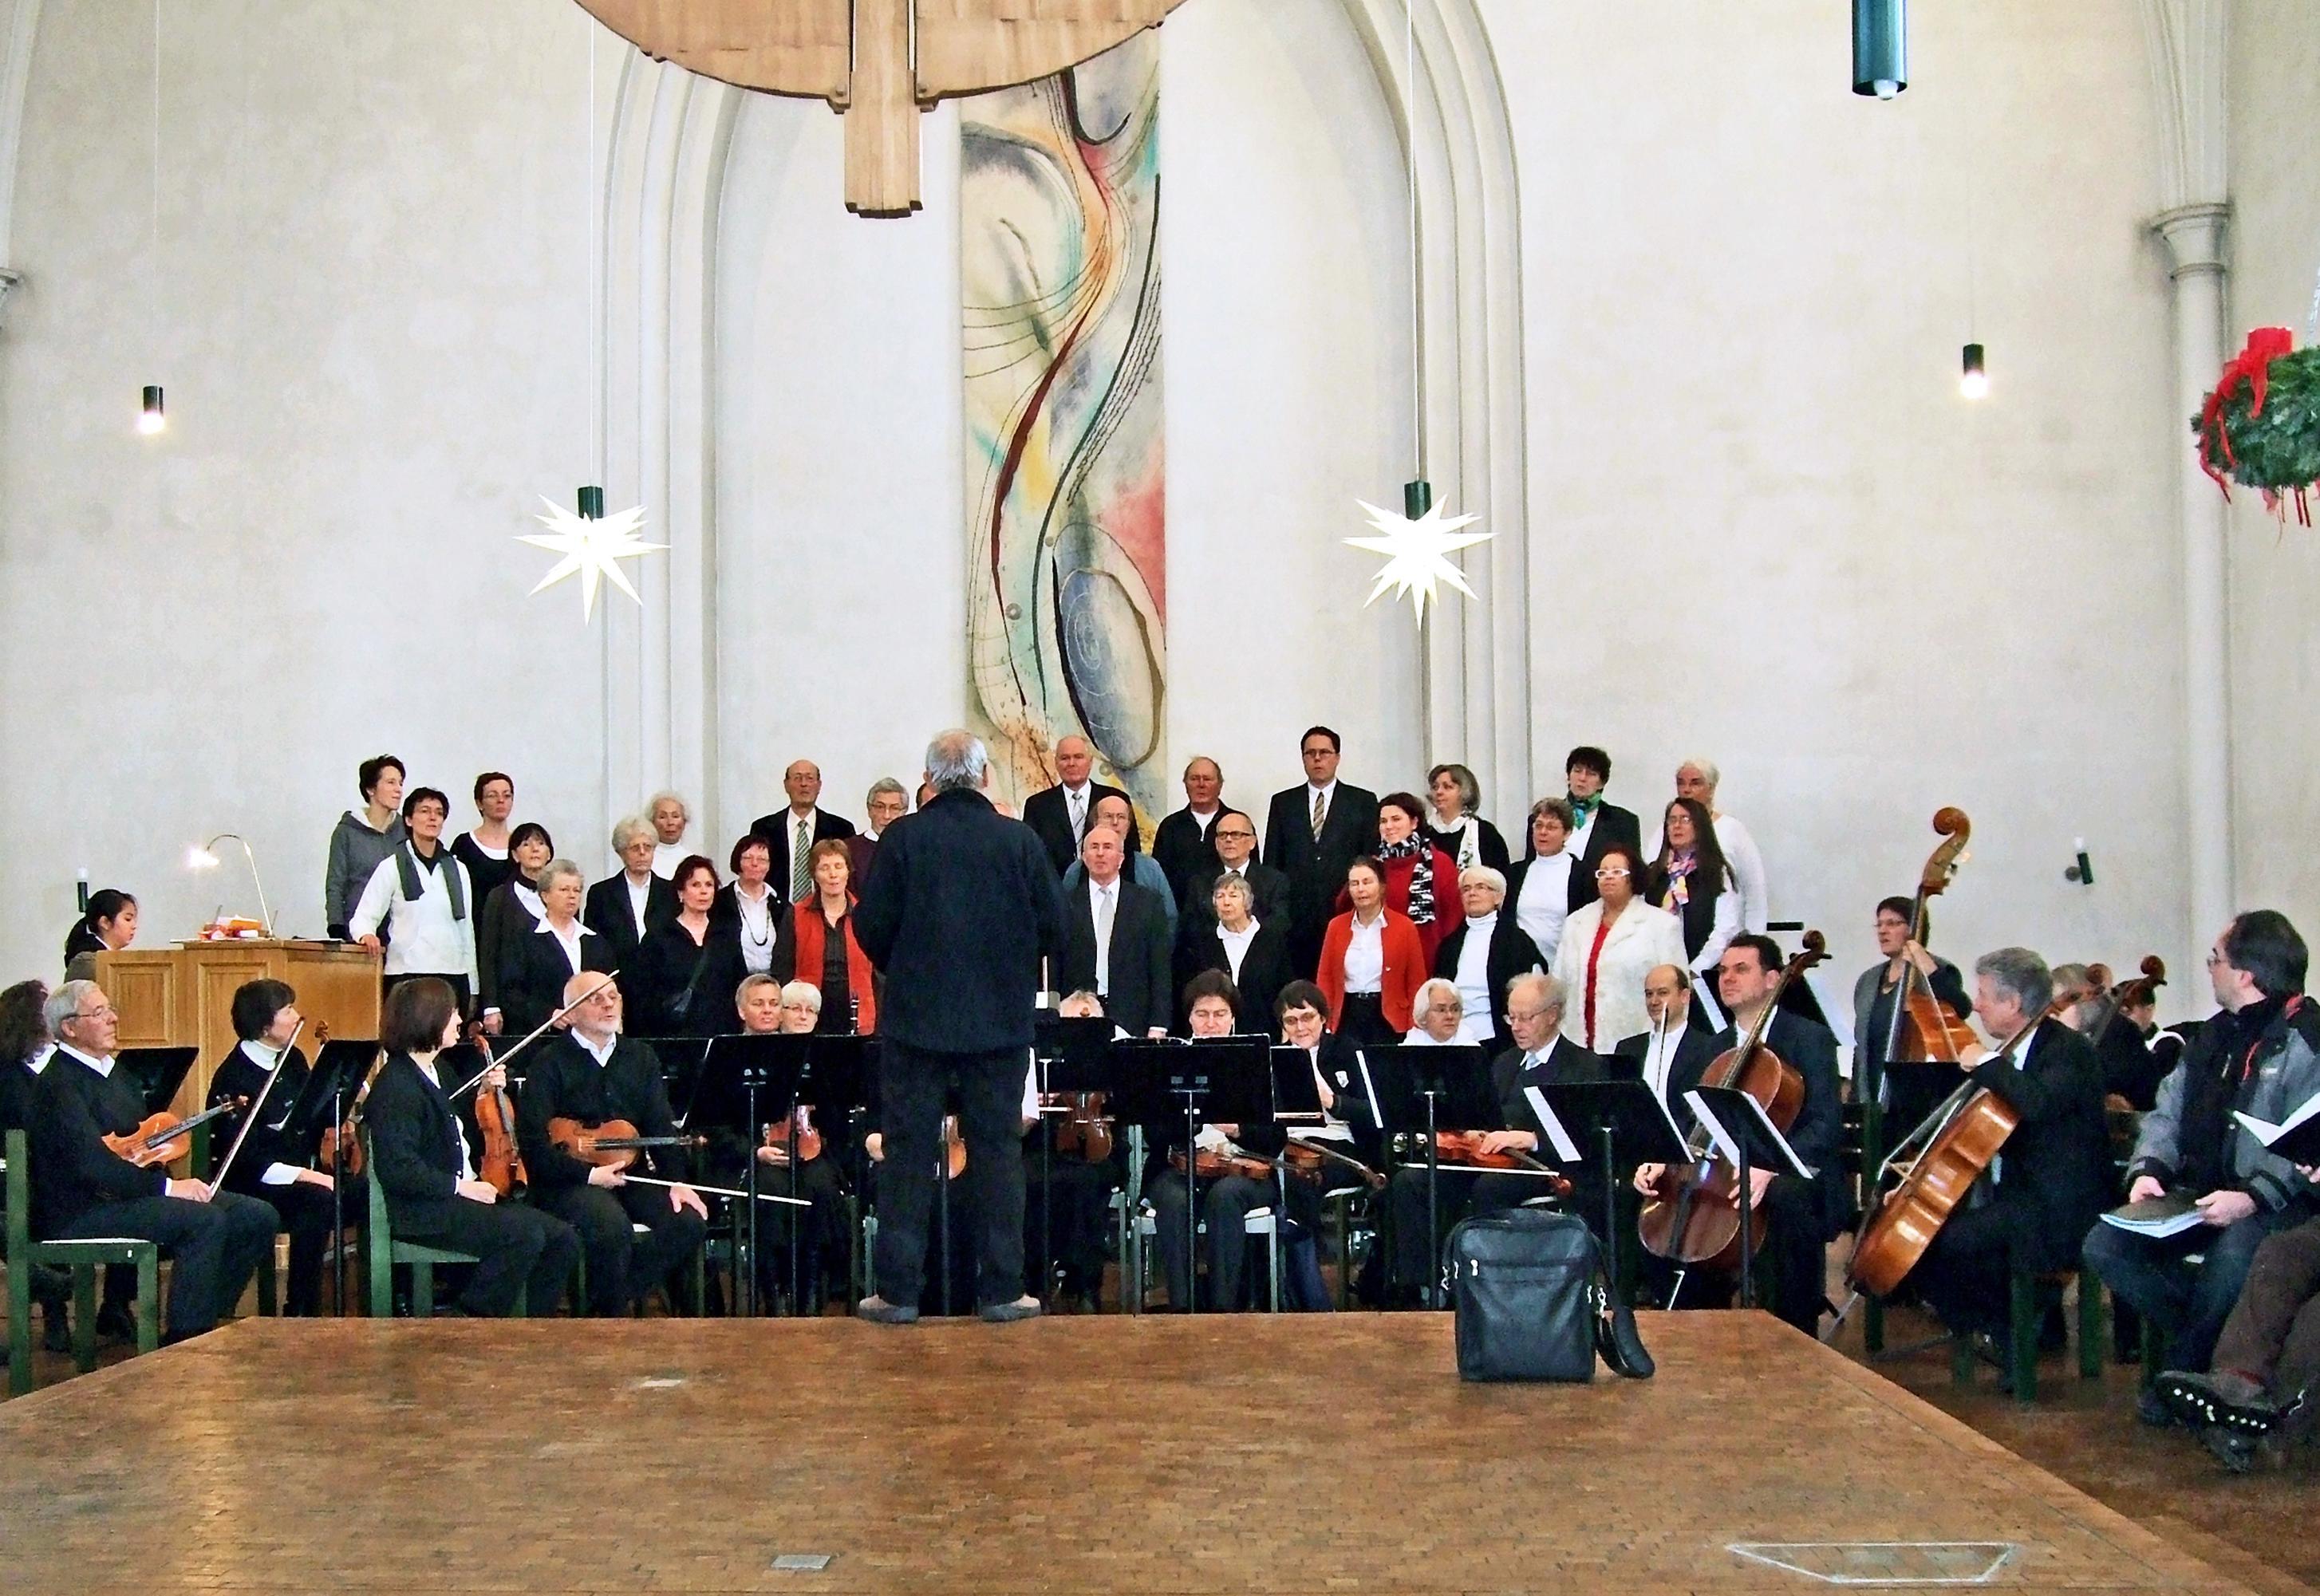 Böhmische Pastoralmesse 2009